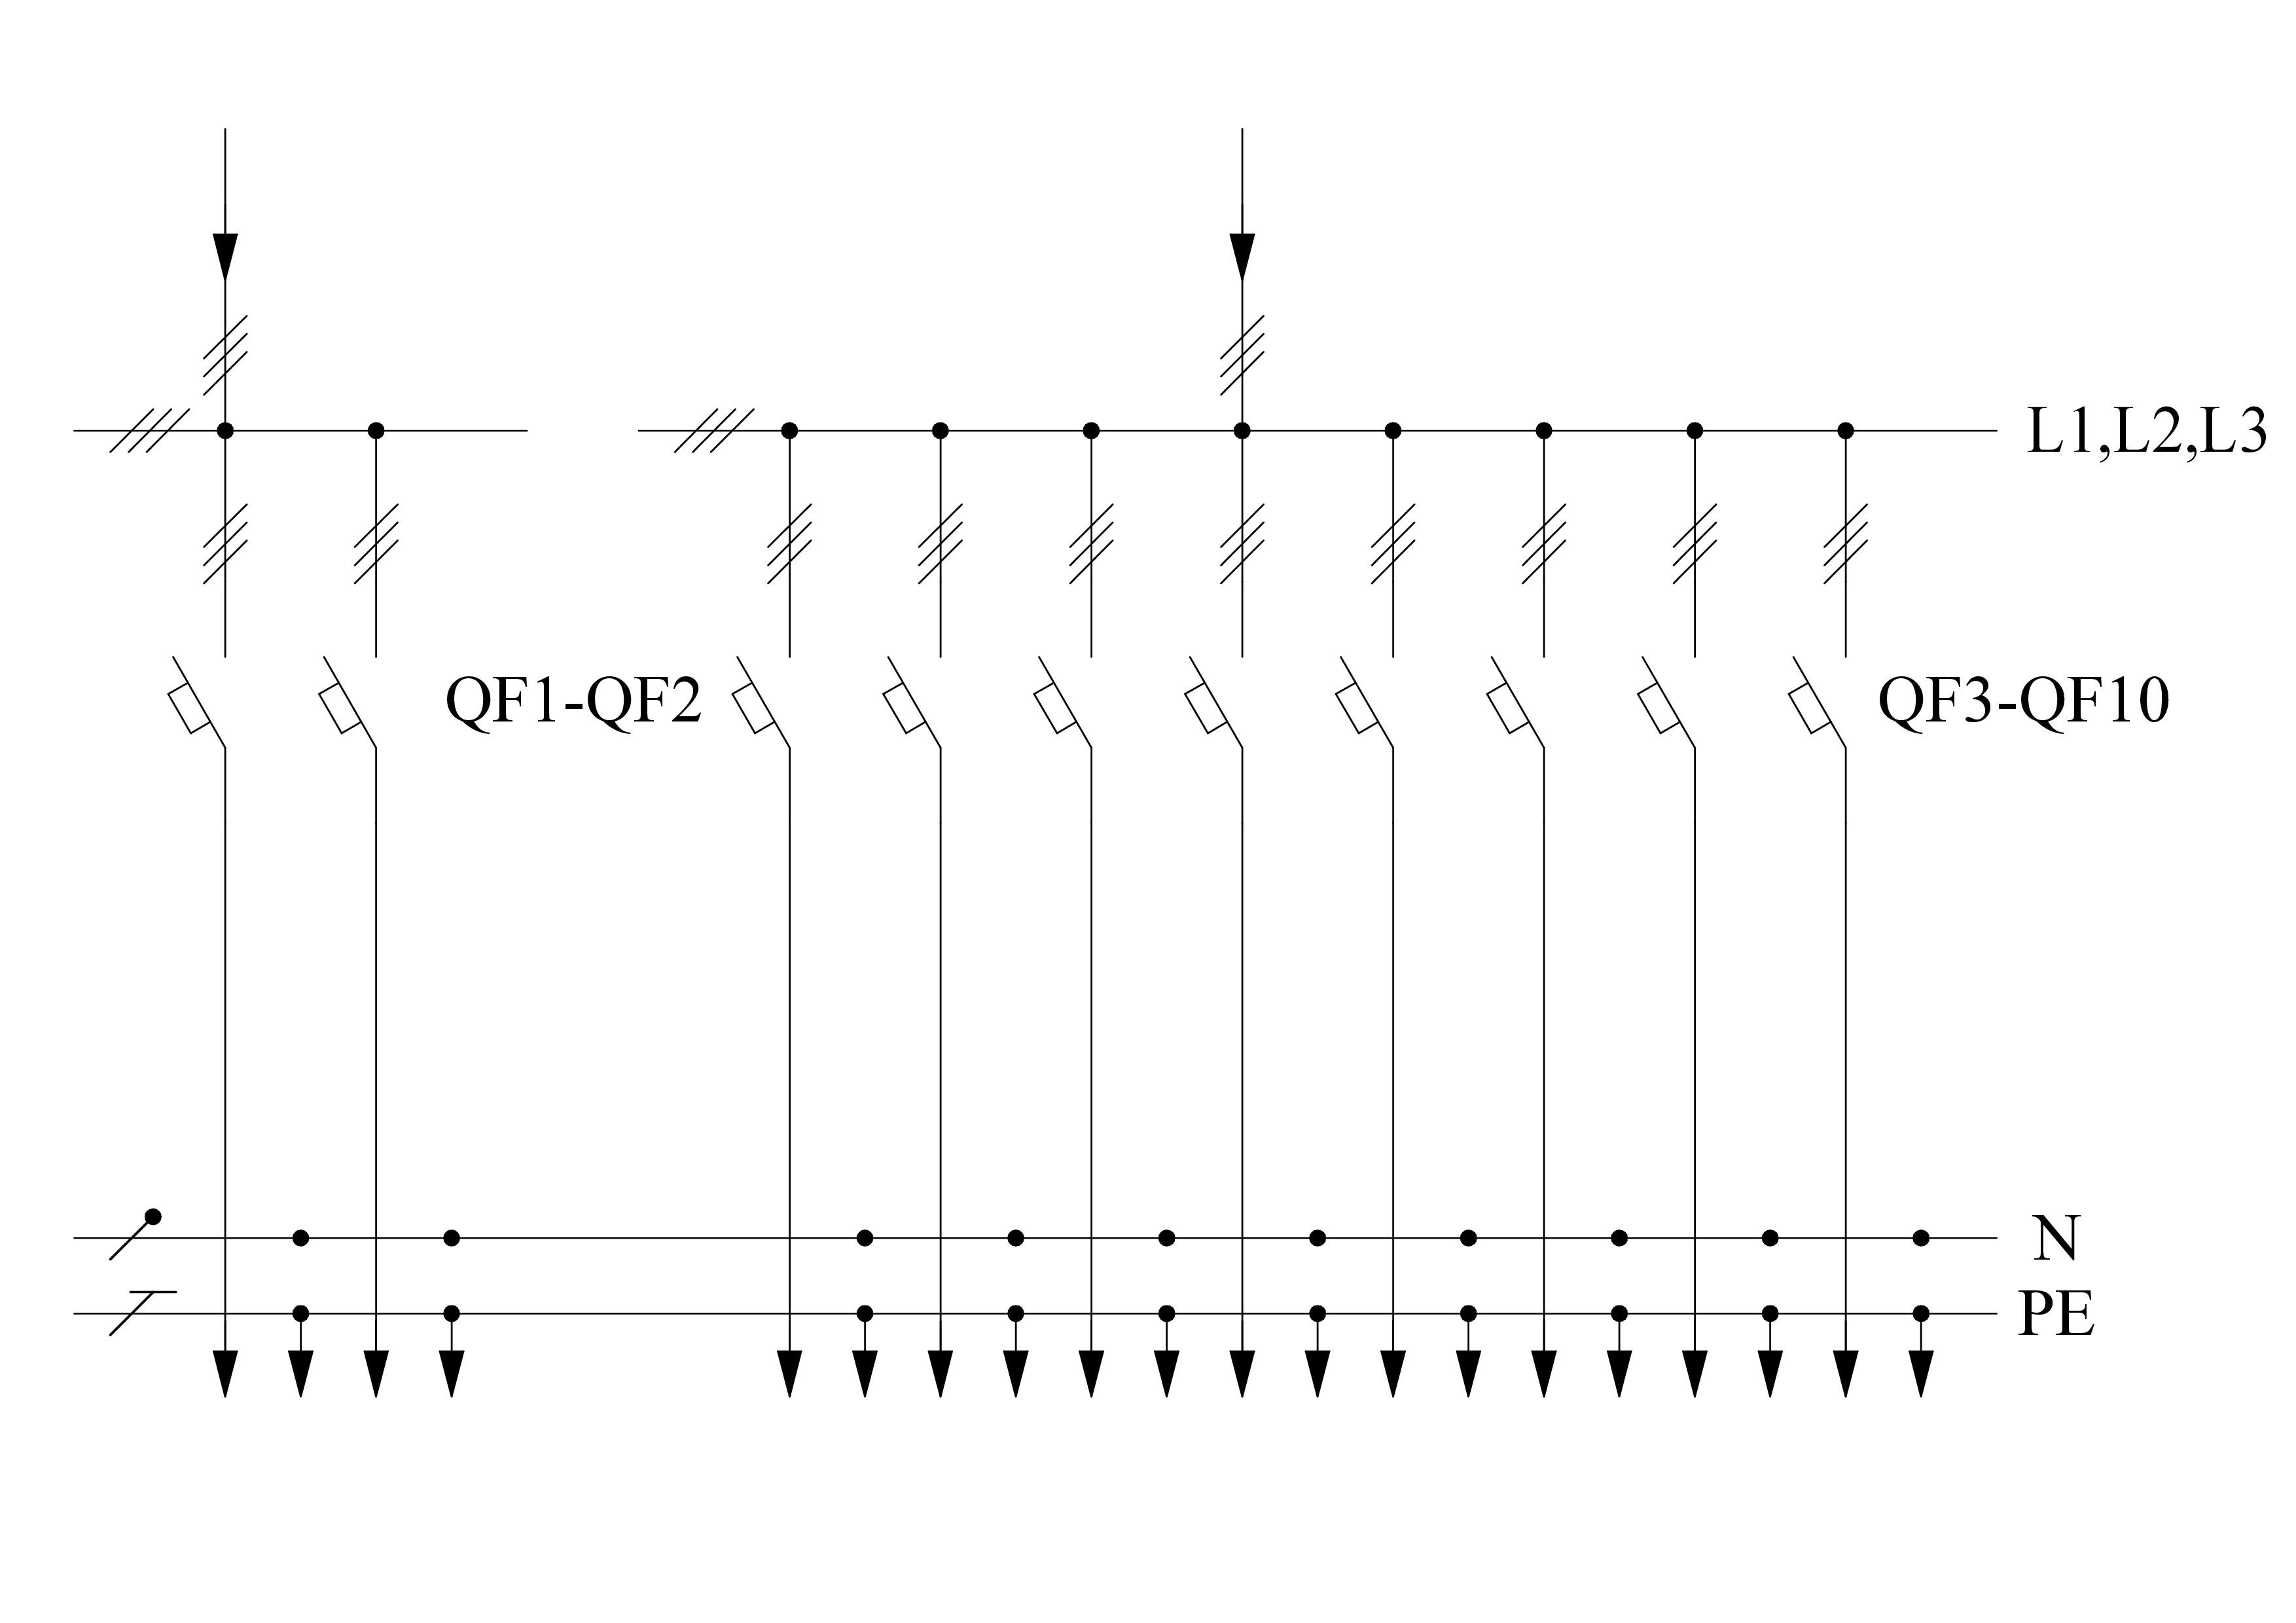 Схема электрическая ВРУ1-44-00А, ВРУ1-44-00А цена, ВРУ1-44-00А купить